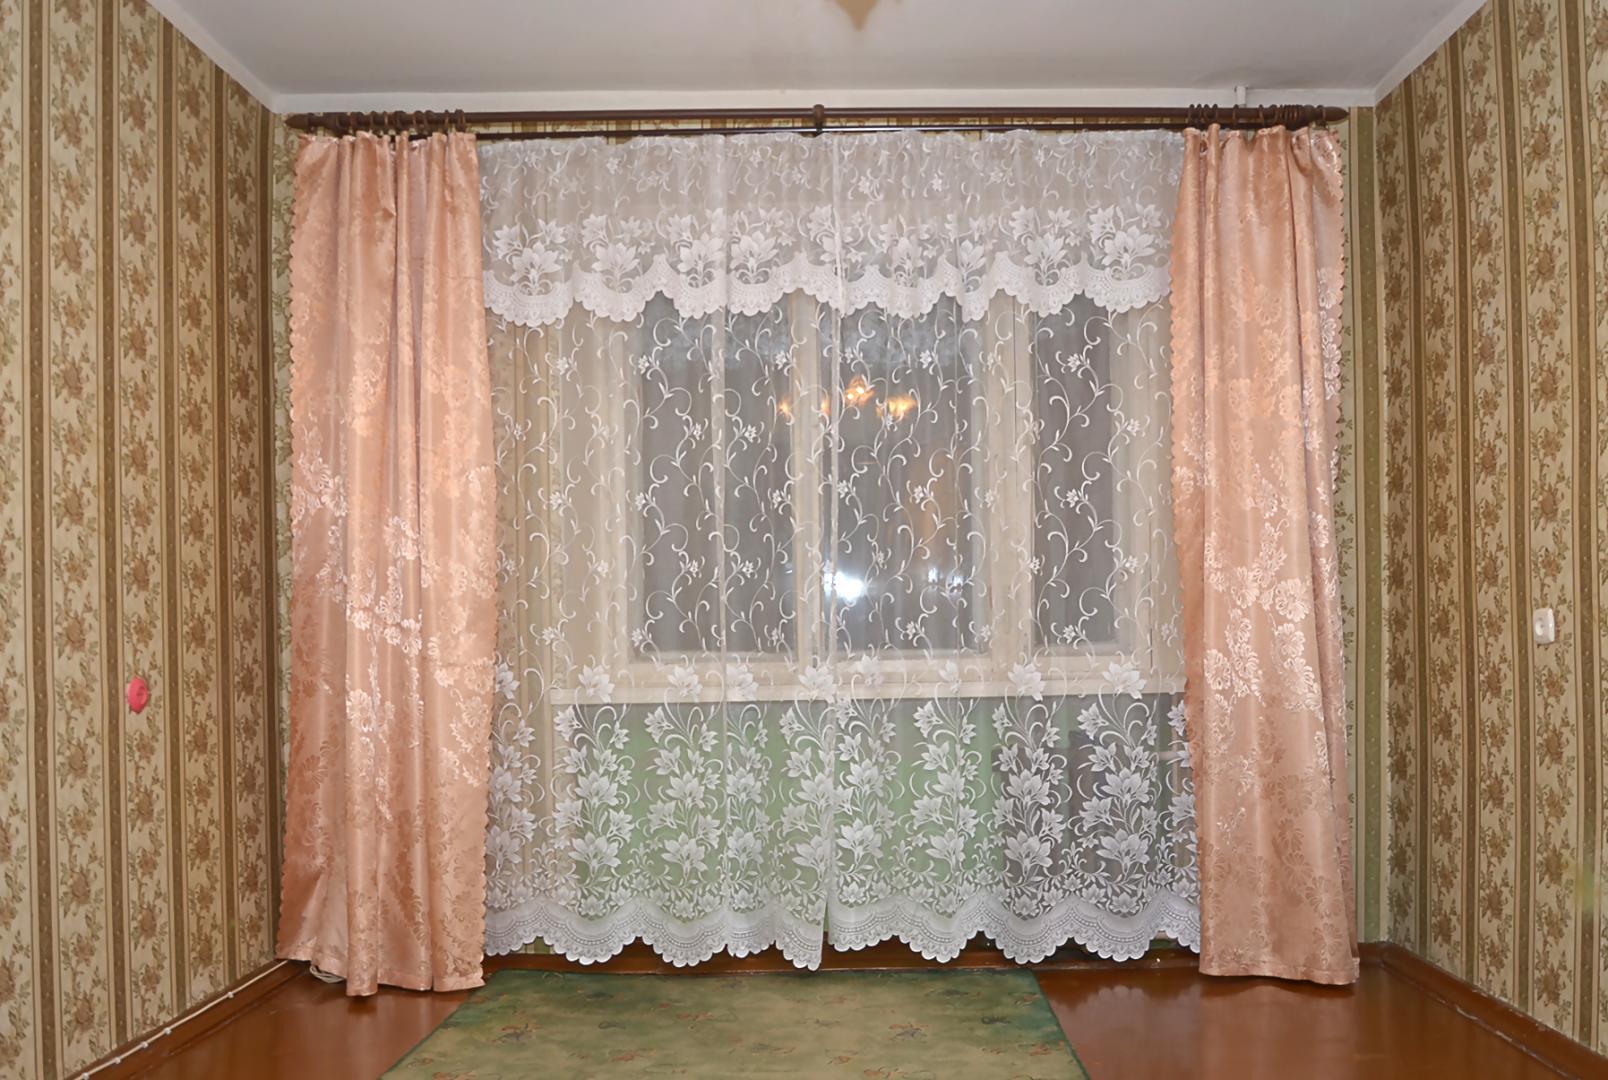 Продам комната по адресу Россия, Ярославская область, городской округ Рыбинск, Рыбинск, улица 9 Мая, 15 фото 1 по выгодной цене